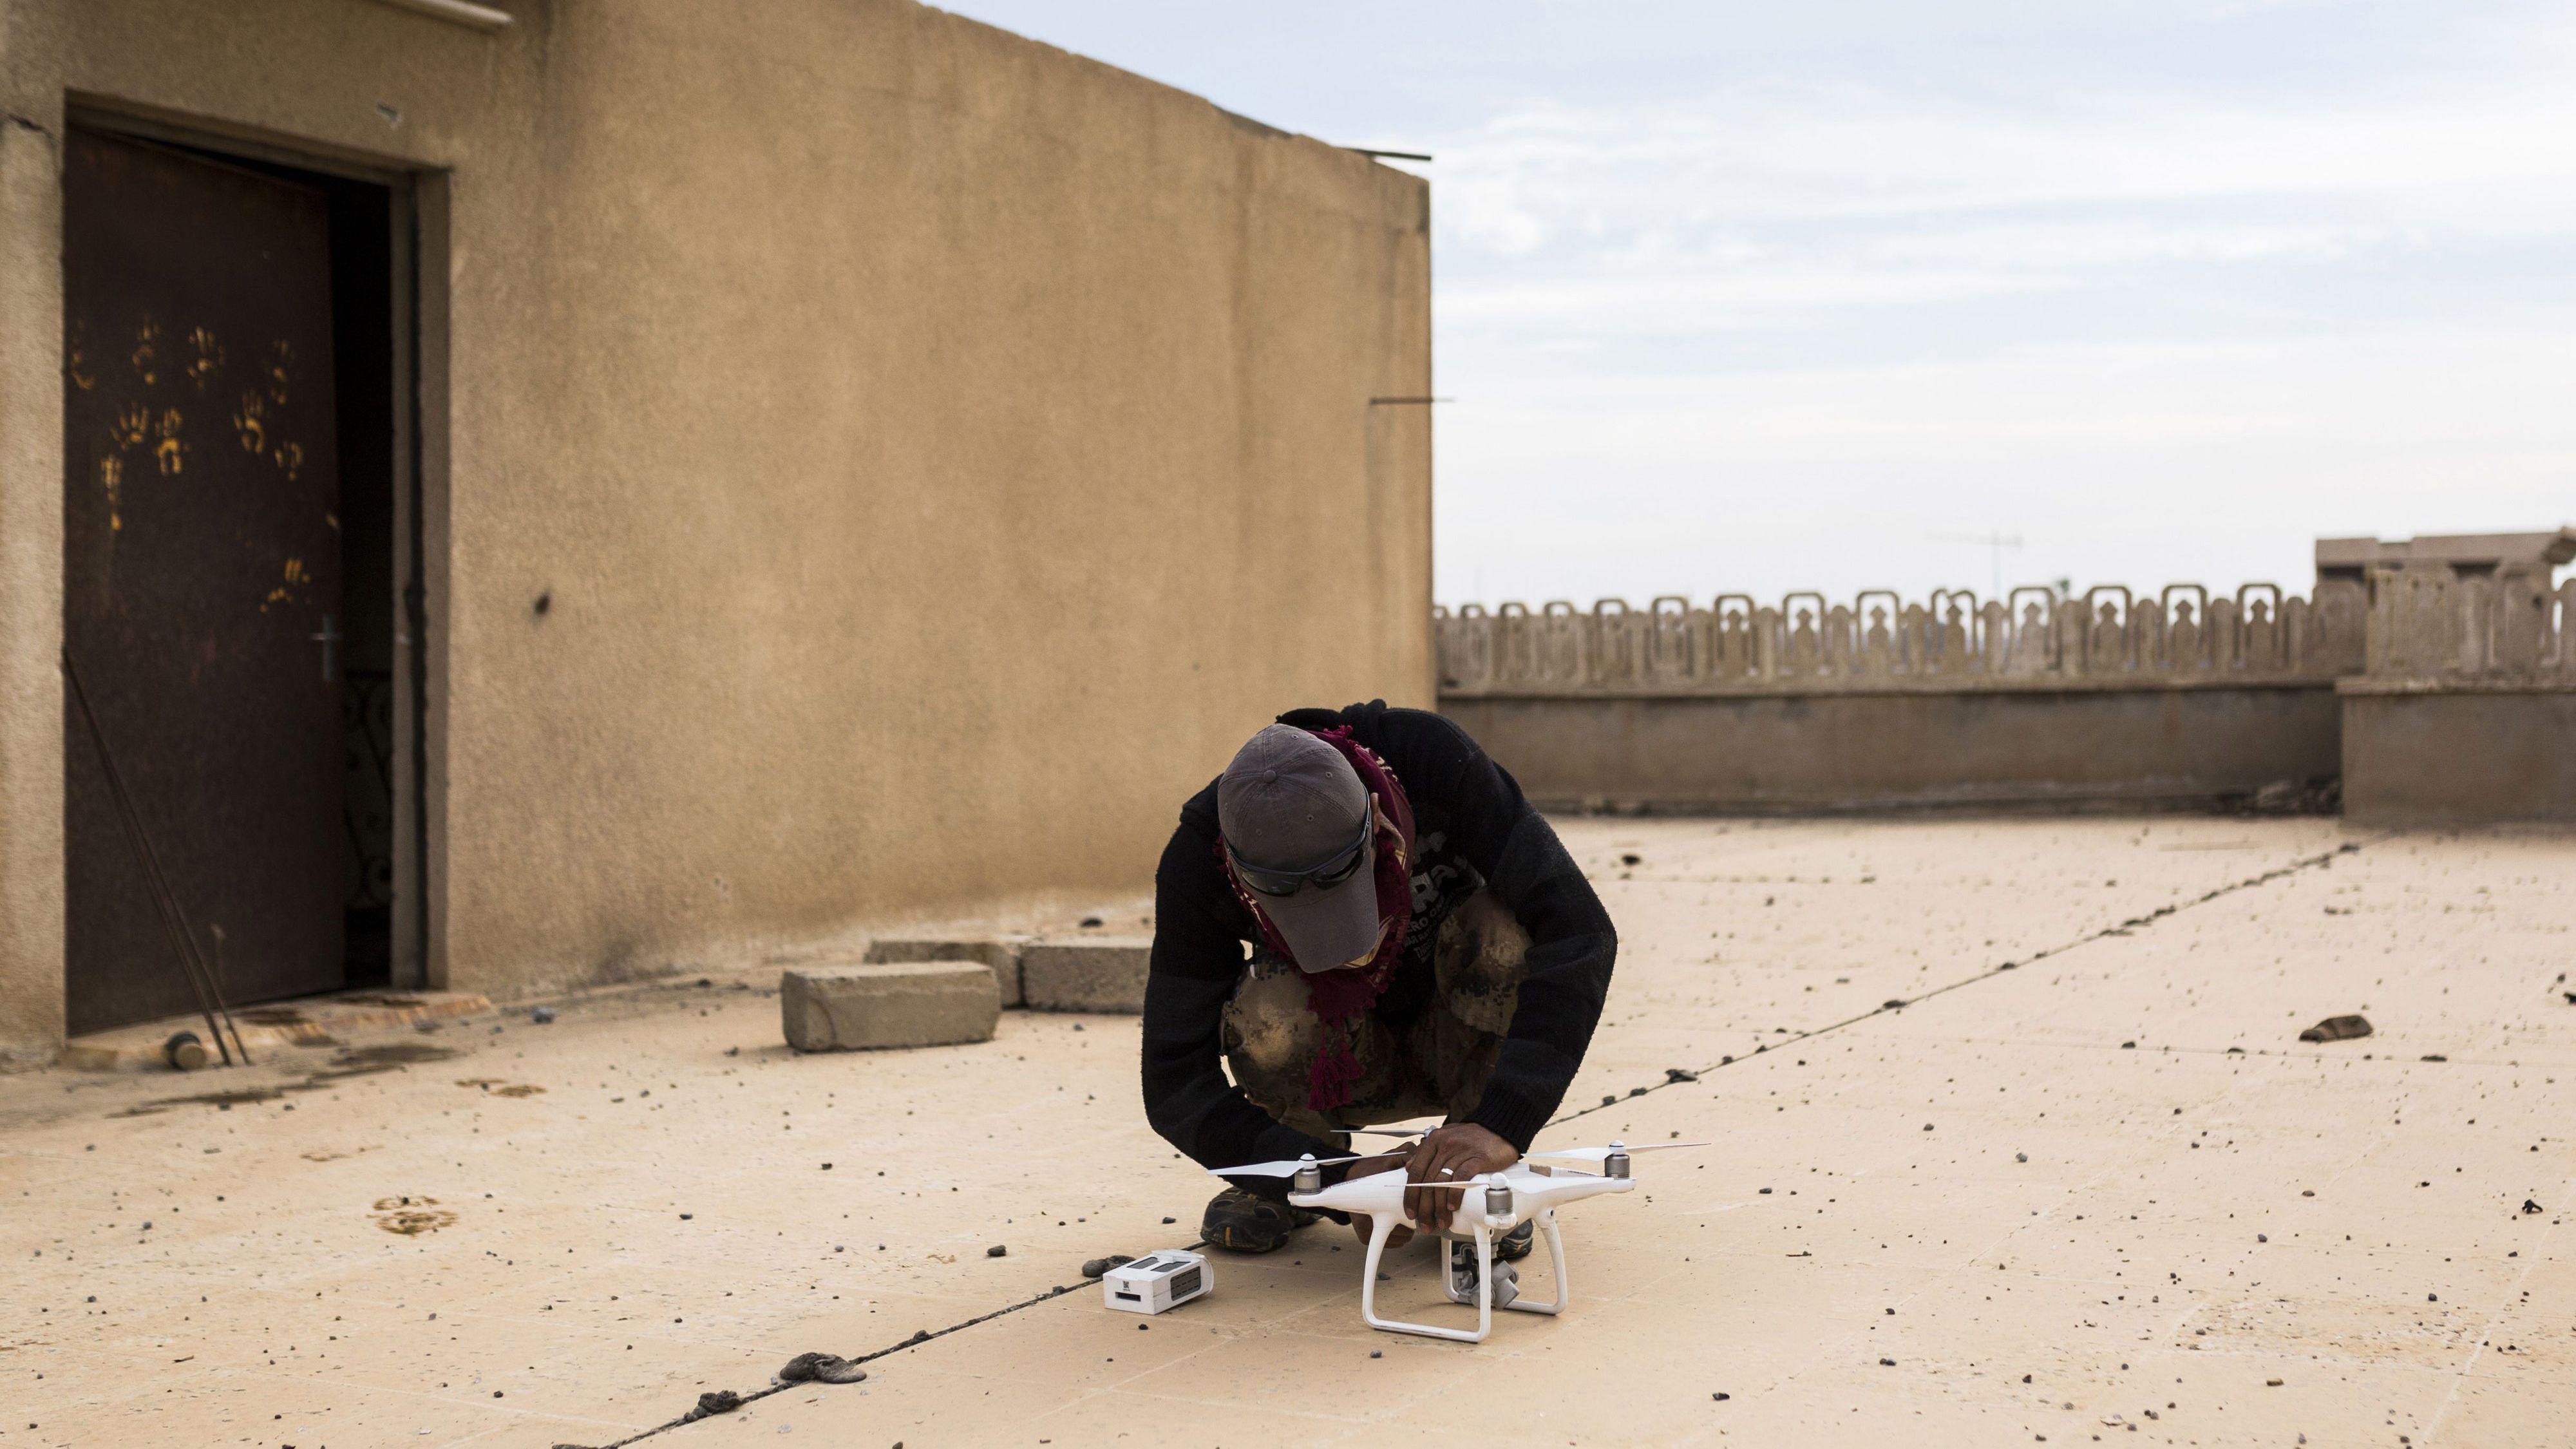 ドローン最大手DJI、イスラム国活動地域を飛行禁止に設定